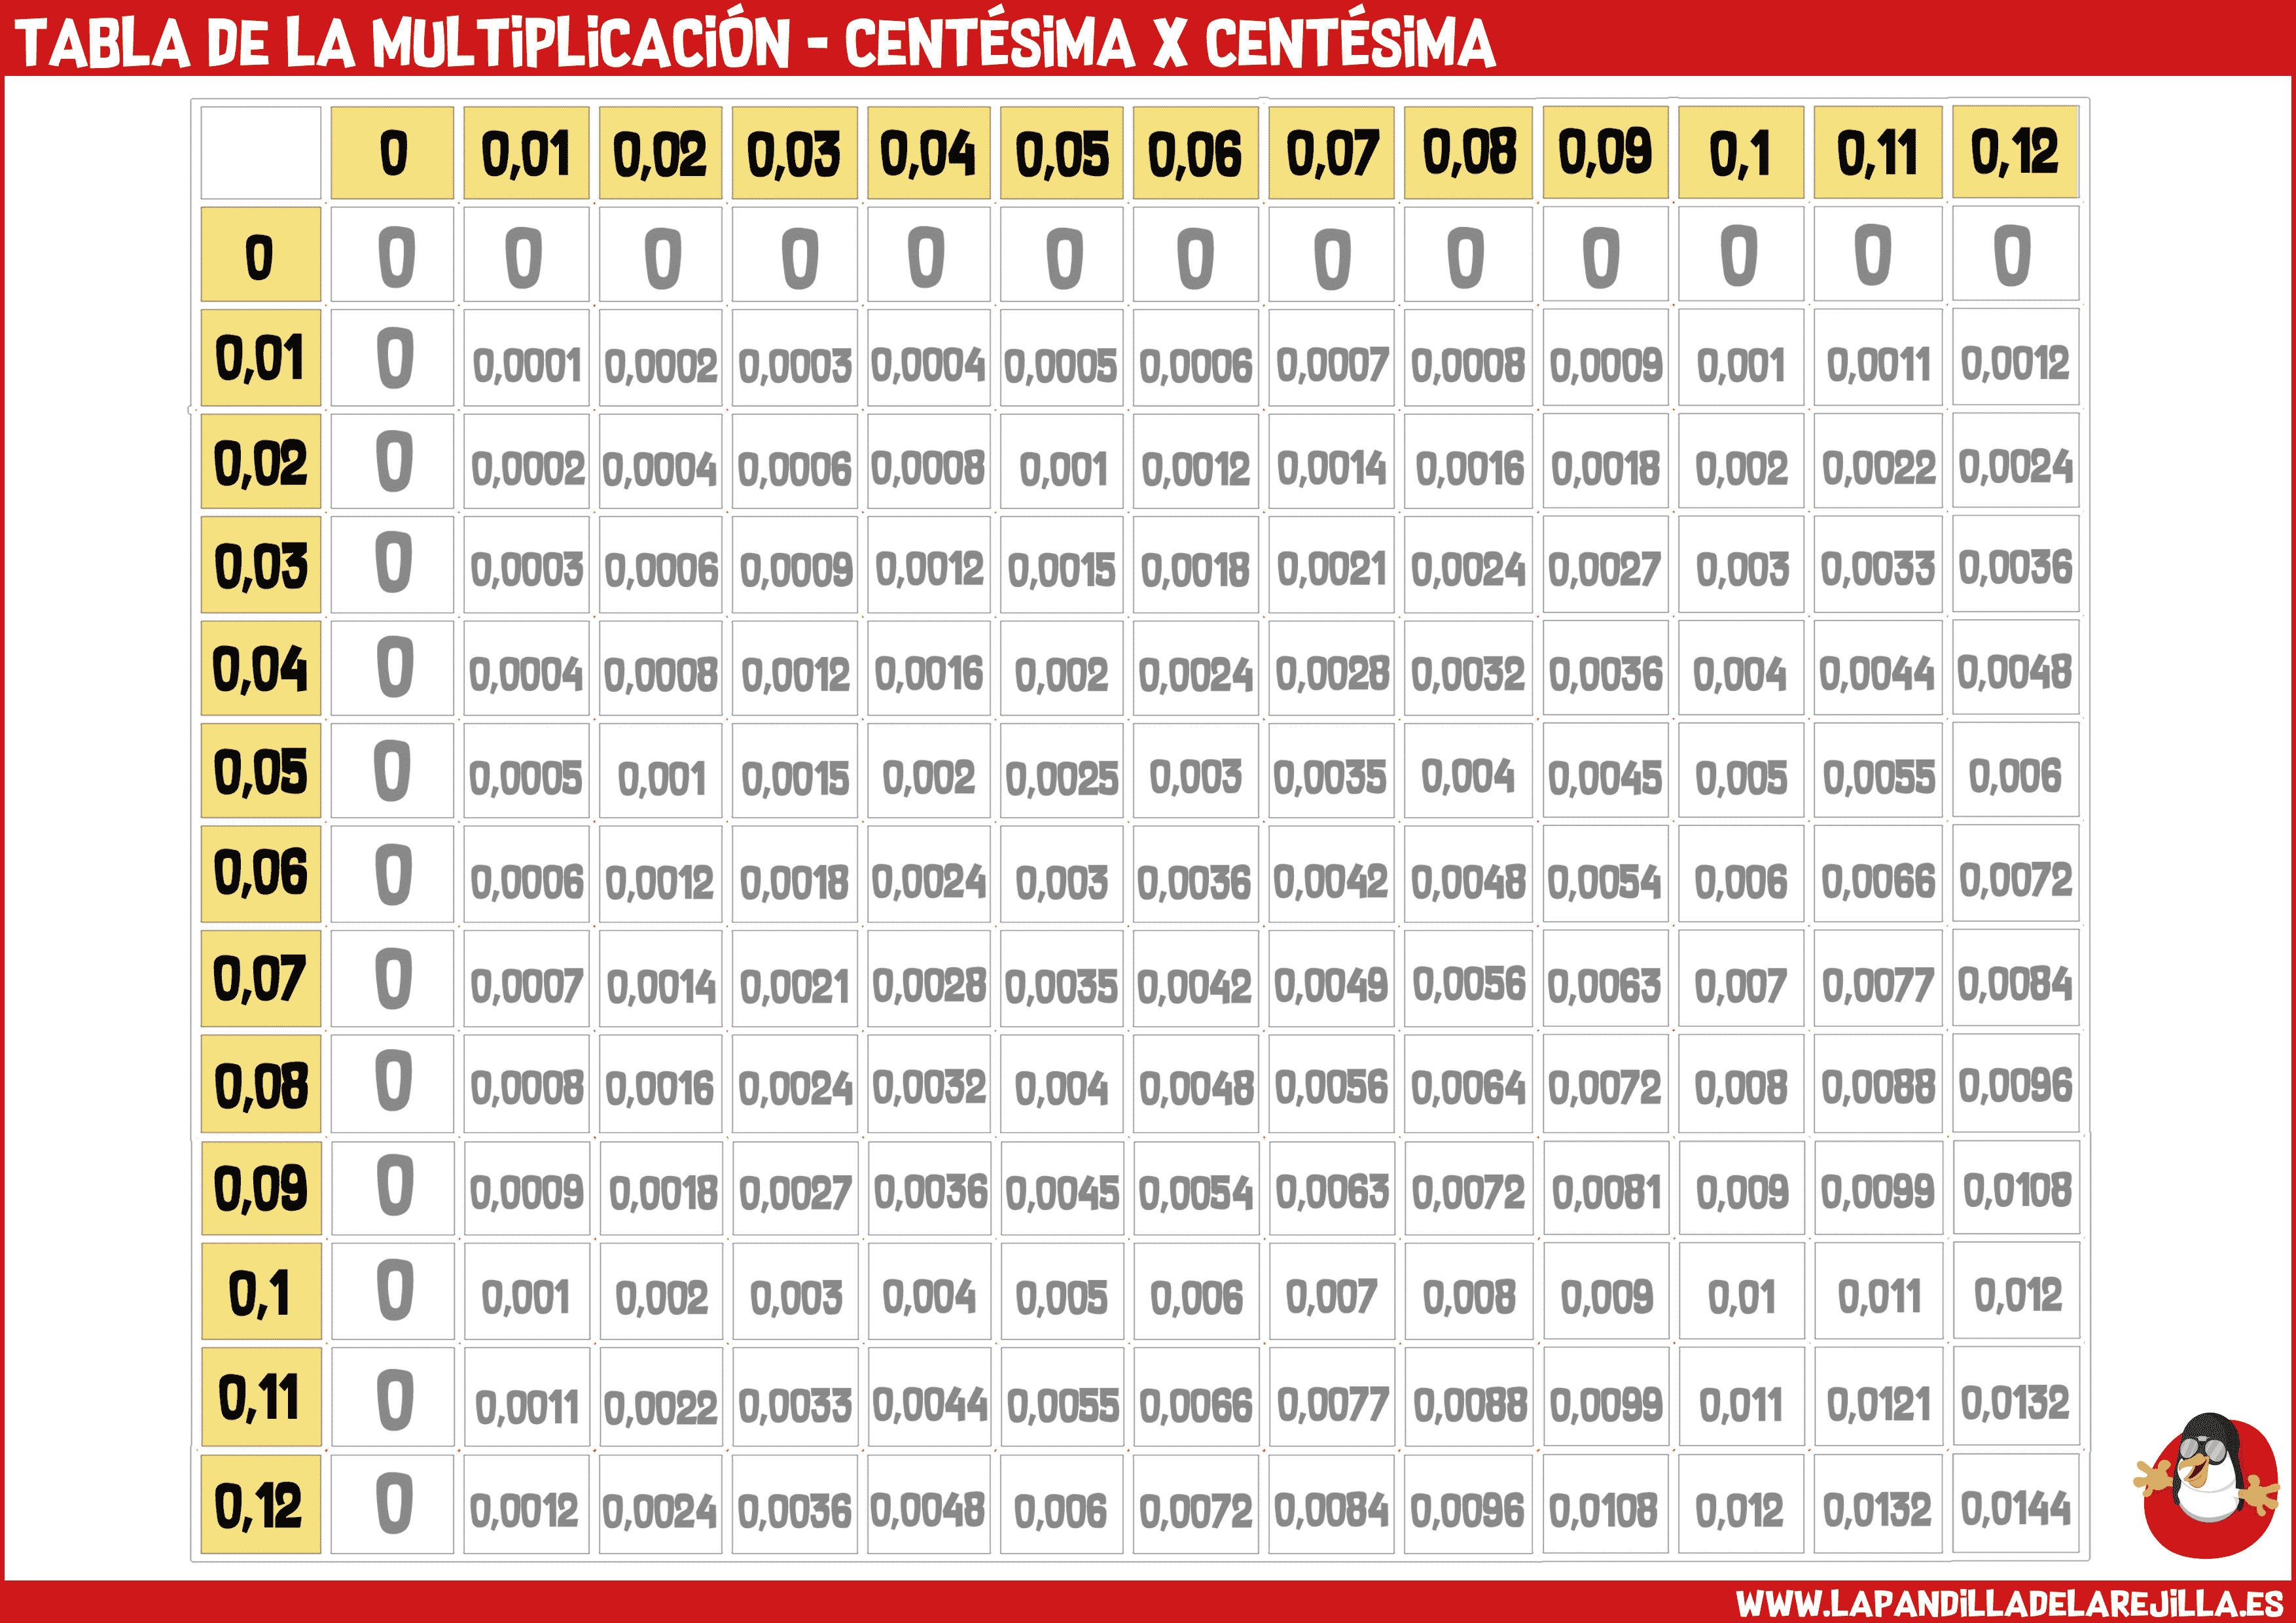 Tabla de la Multiplicacion - Centesima x Centesima